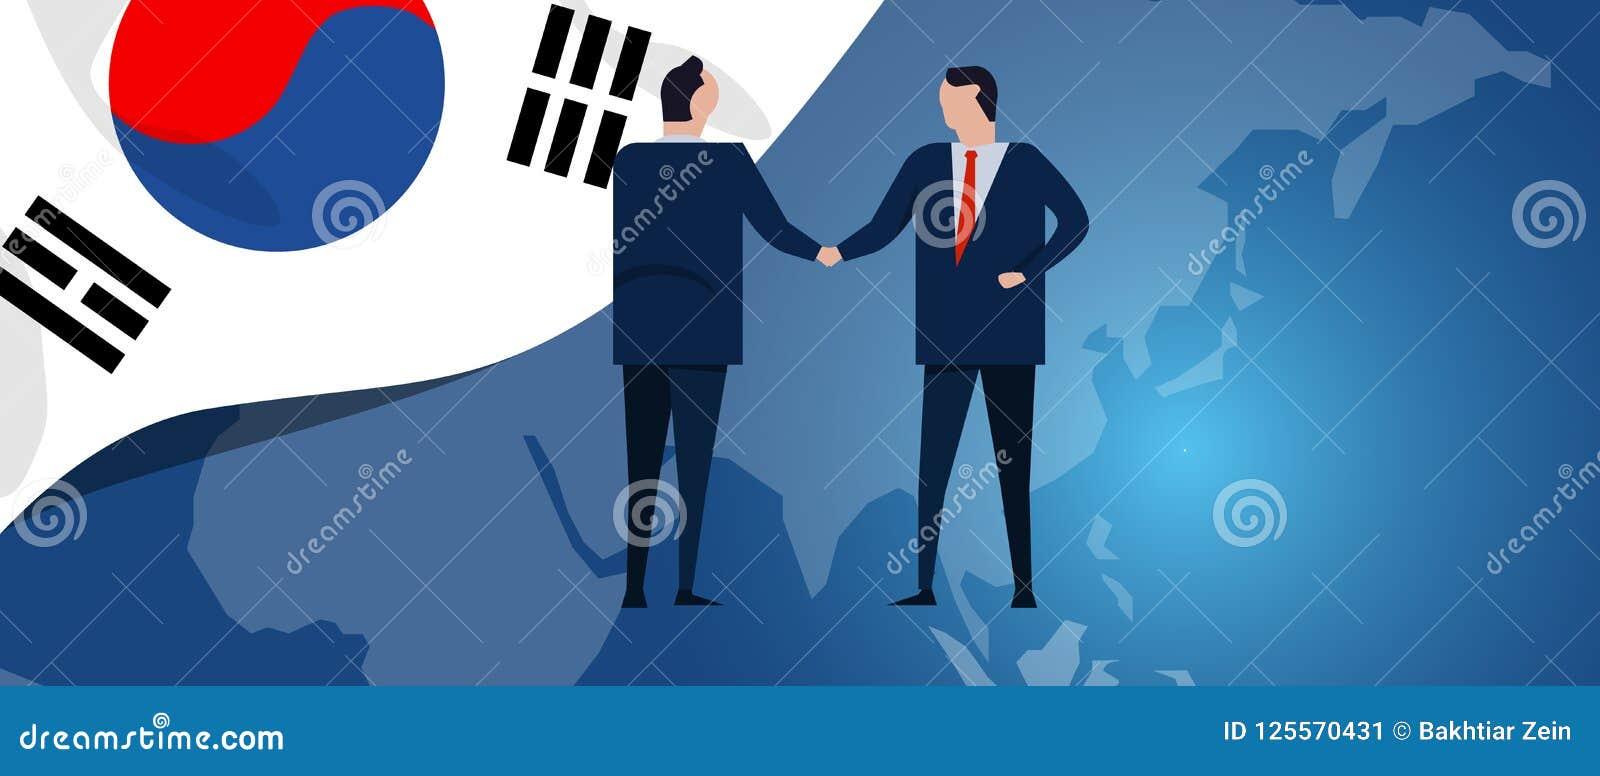 Association d international de la Corée du Sud Négociation de diplomatie Poignée de main d accord de relation d affaires Drapeau